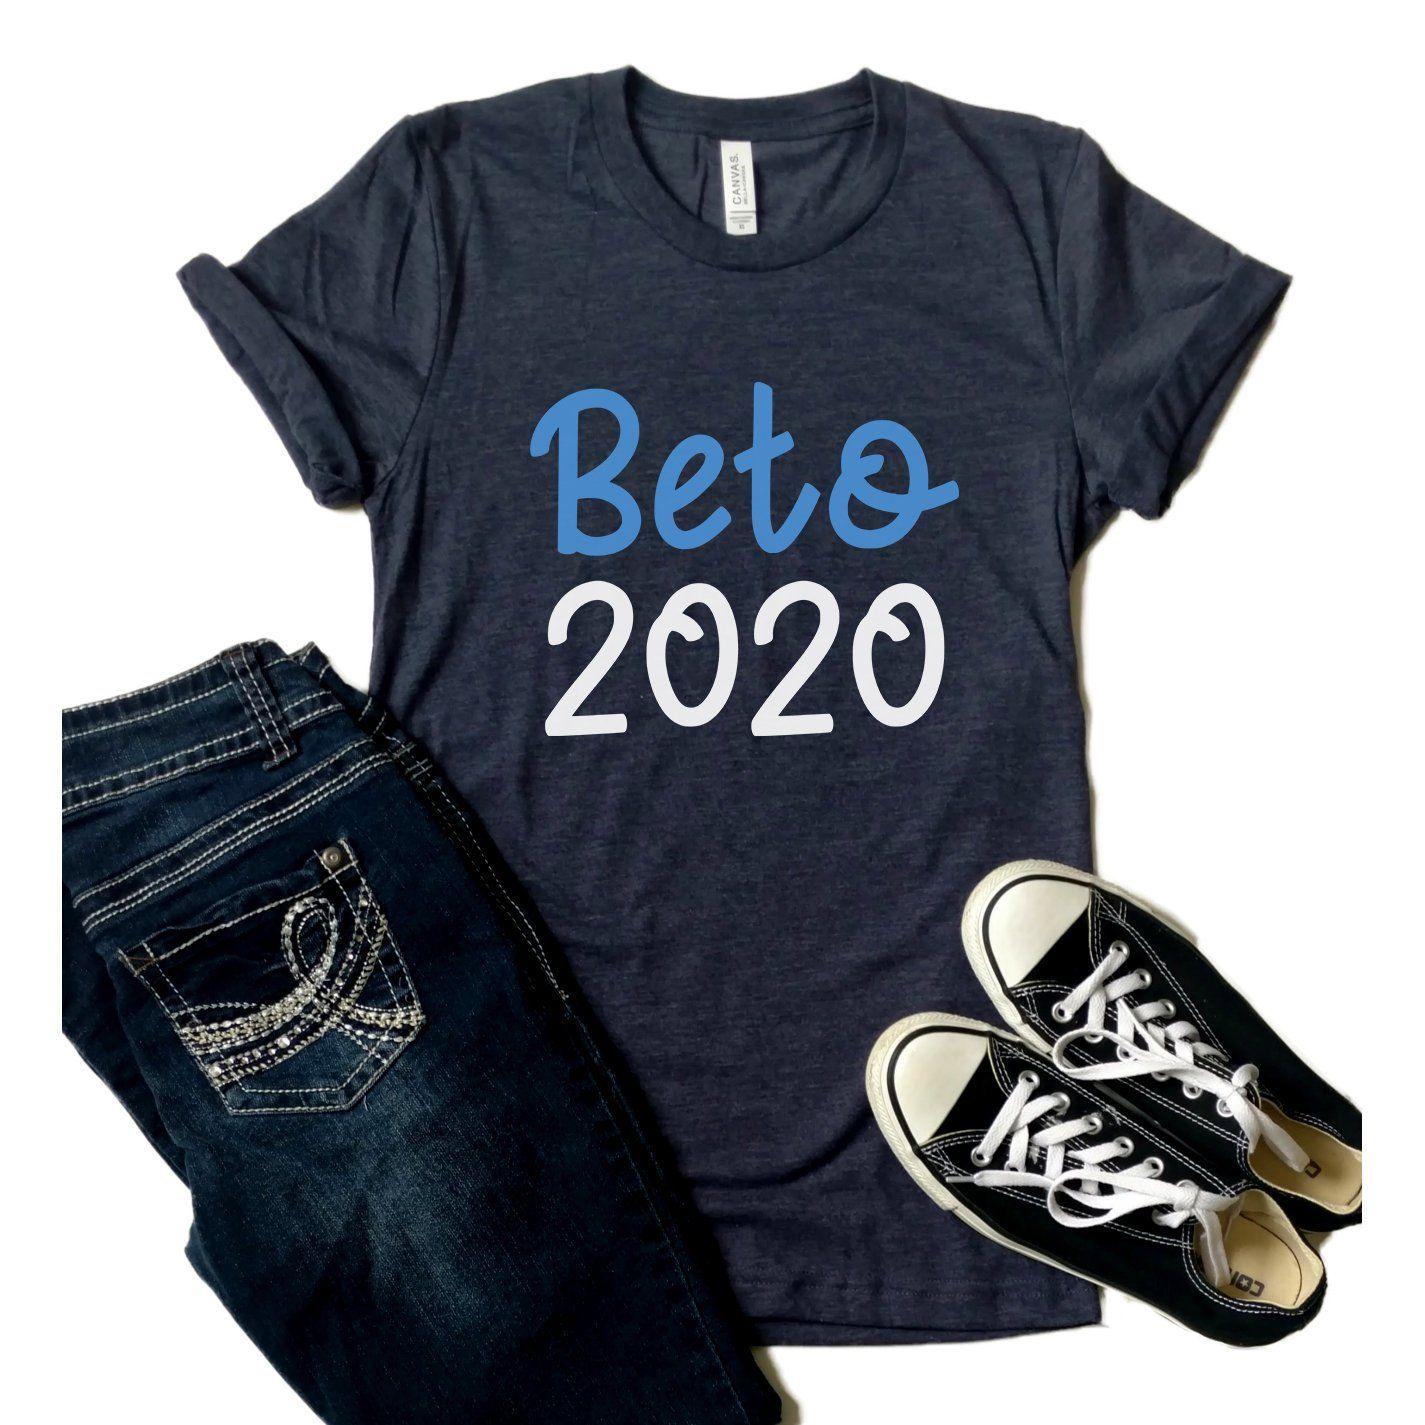 Beto Shirt - Beto 2020 - Beto For President - Beto O'Rourke - Vote For Beto - Beto For Texas - Unisex Graphic Tee